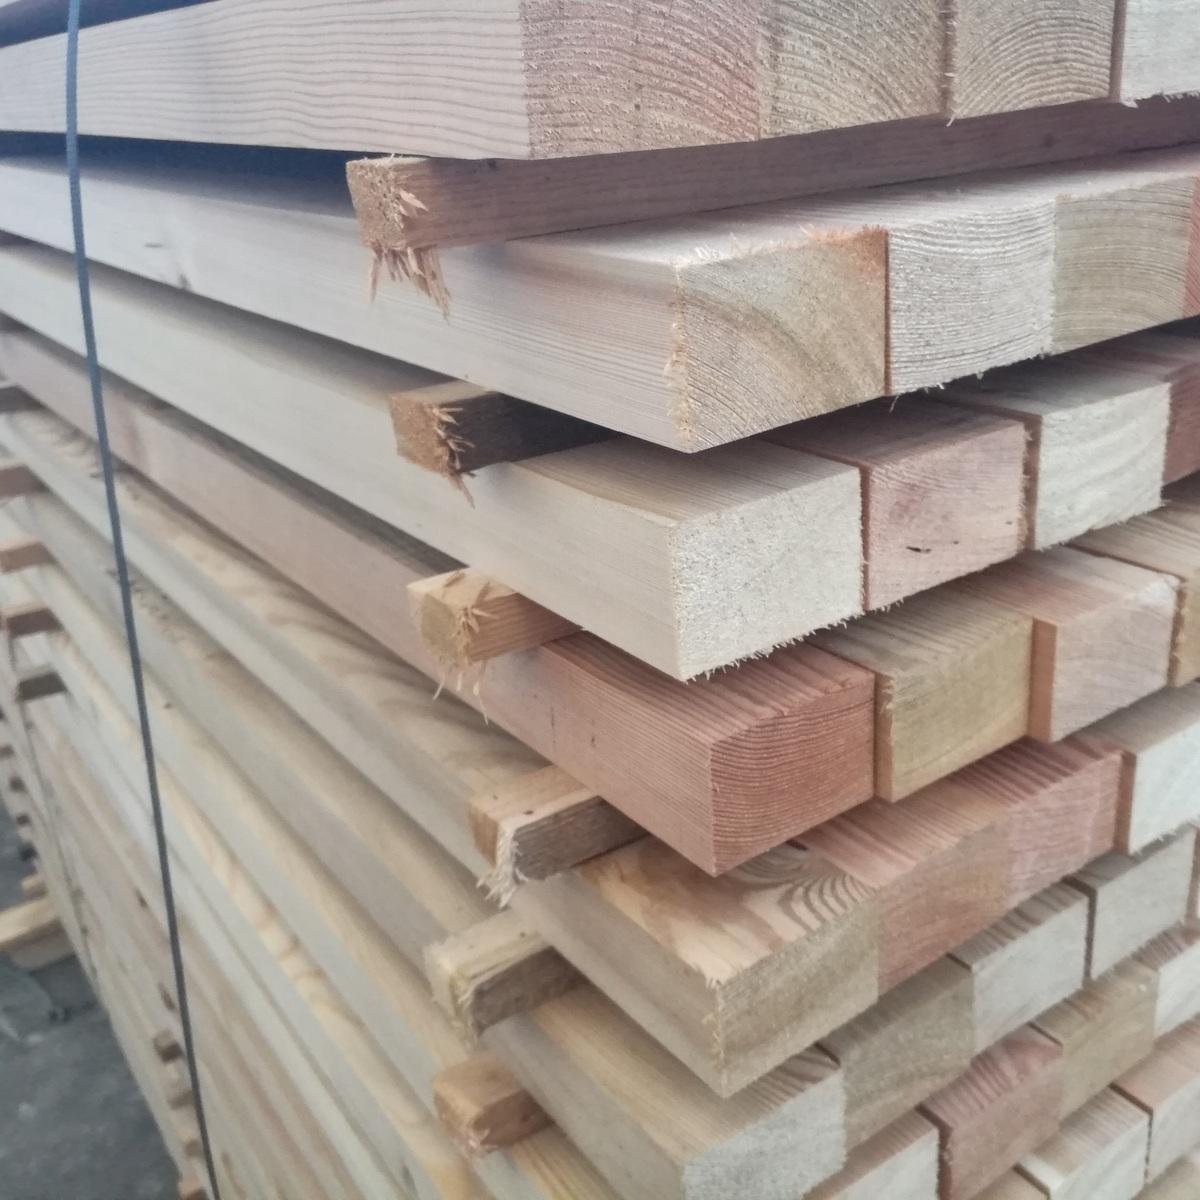 45x67mm 3m sibirische l rche kantholz unterkonstruktion bohlen konstruktionsholz ebay. Black Bedroom Furniture Sets. Home Design Ideas